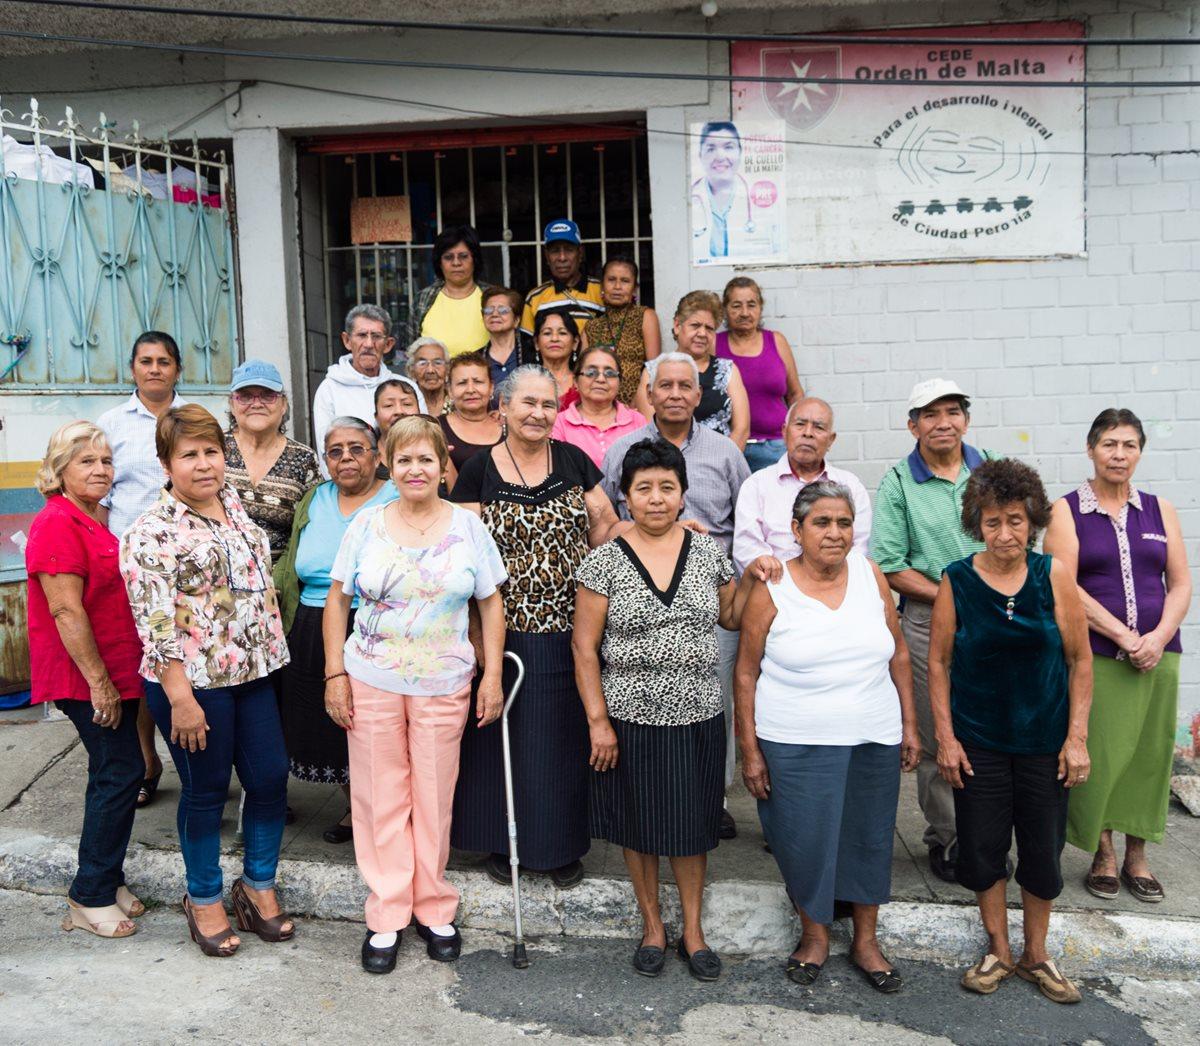 Mayra Escobar (con pantalón de lona y blusa estampada) y algunas integrantes de la asociación posan con varios abuelitos a los que ayudan. Foto Prensa Libre: Roberto Villalobos Viato.